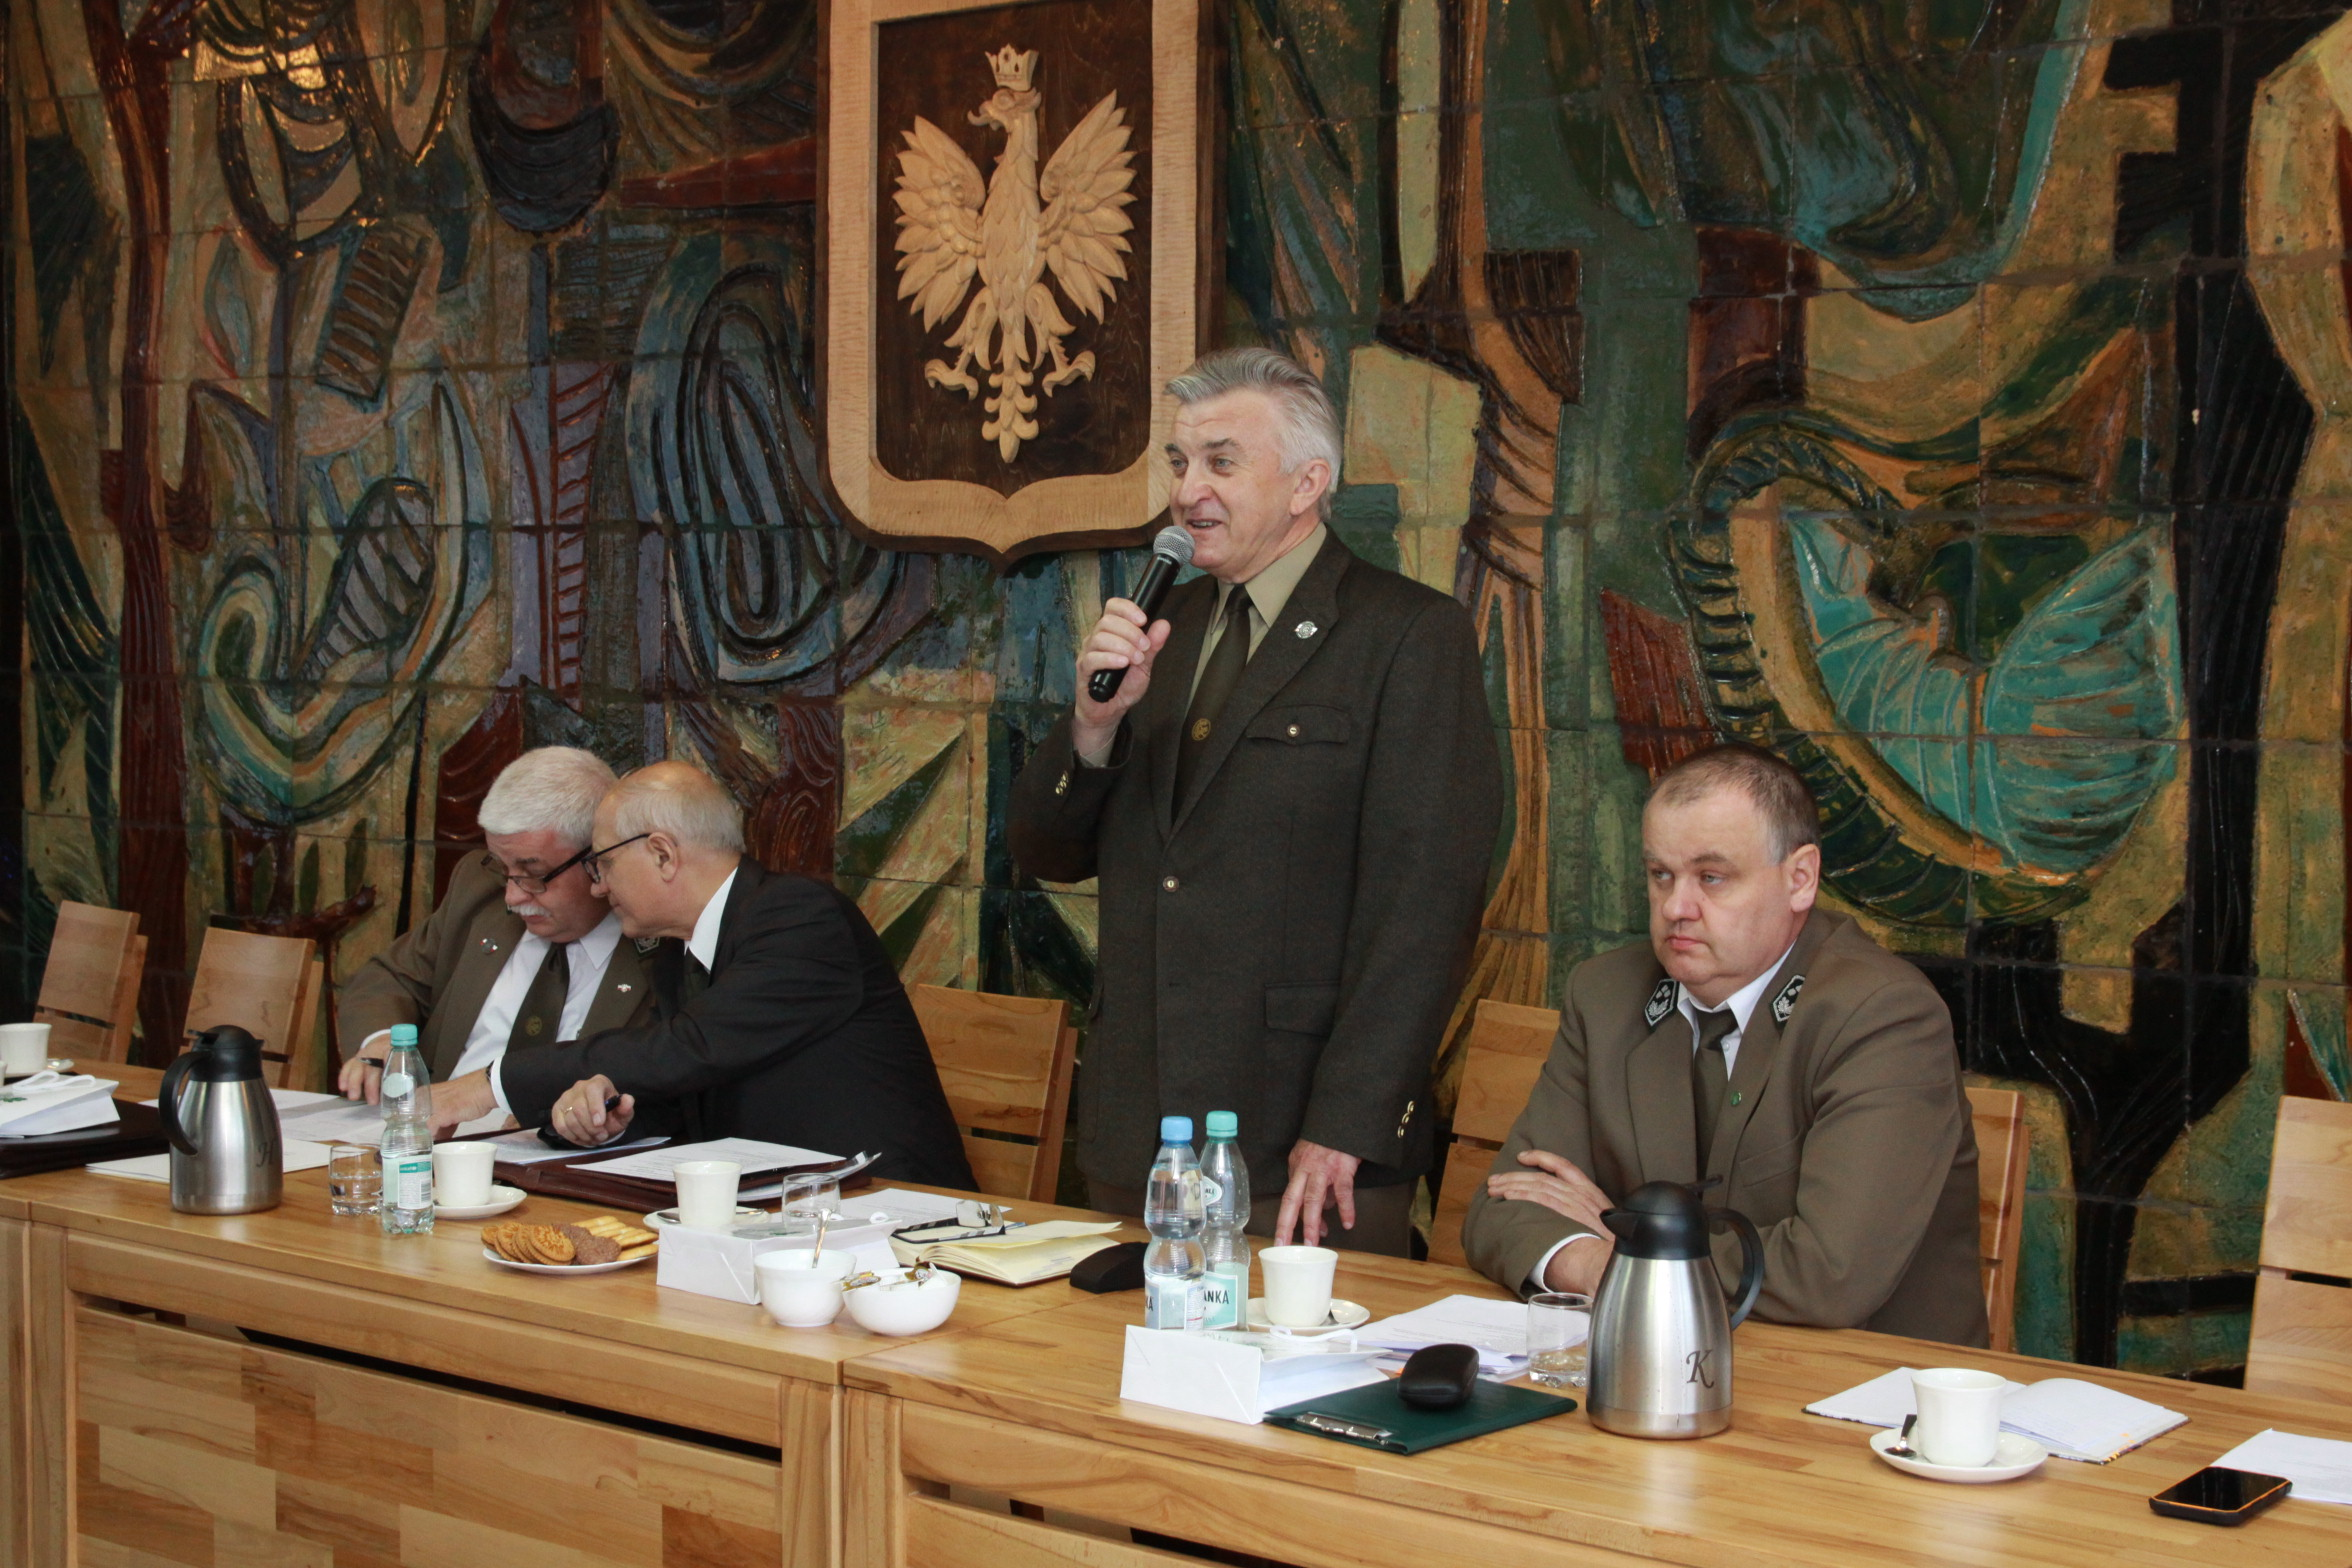 Fot. 1 Prezydium Zjazdu- od prawej Gerard Sulej, Paweł Kania, Andrzej Borkowski, Mirosław Choroś